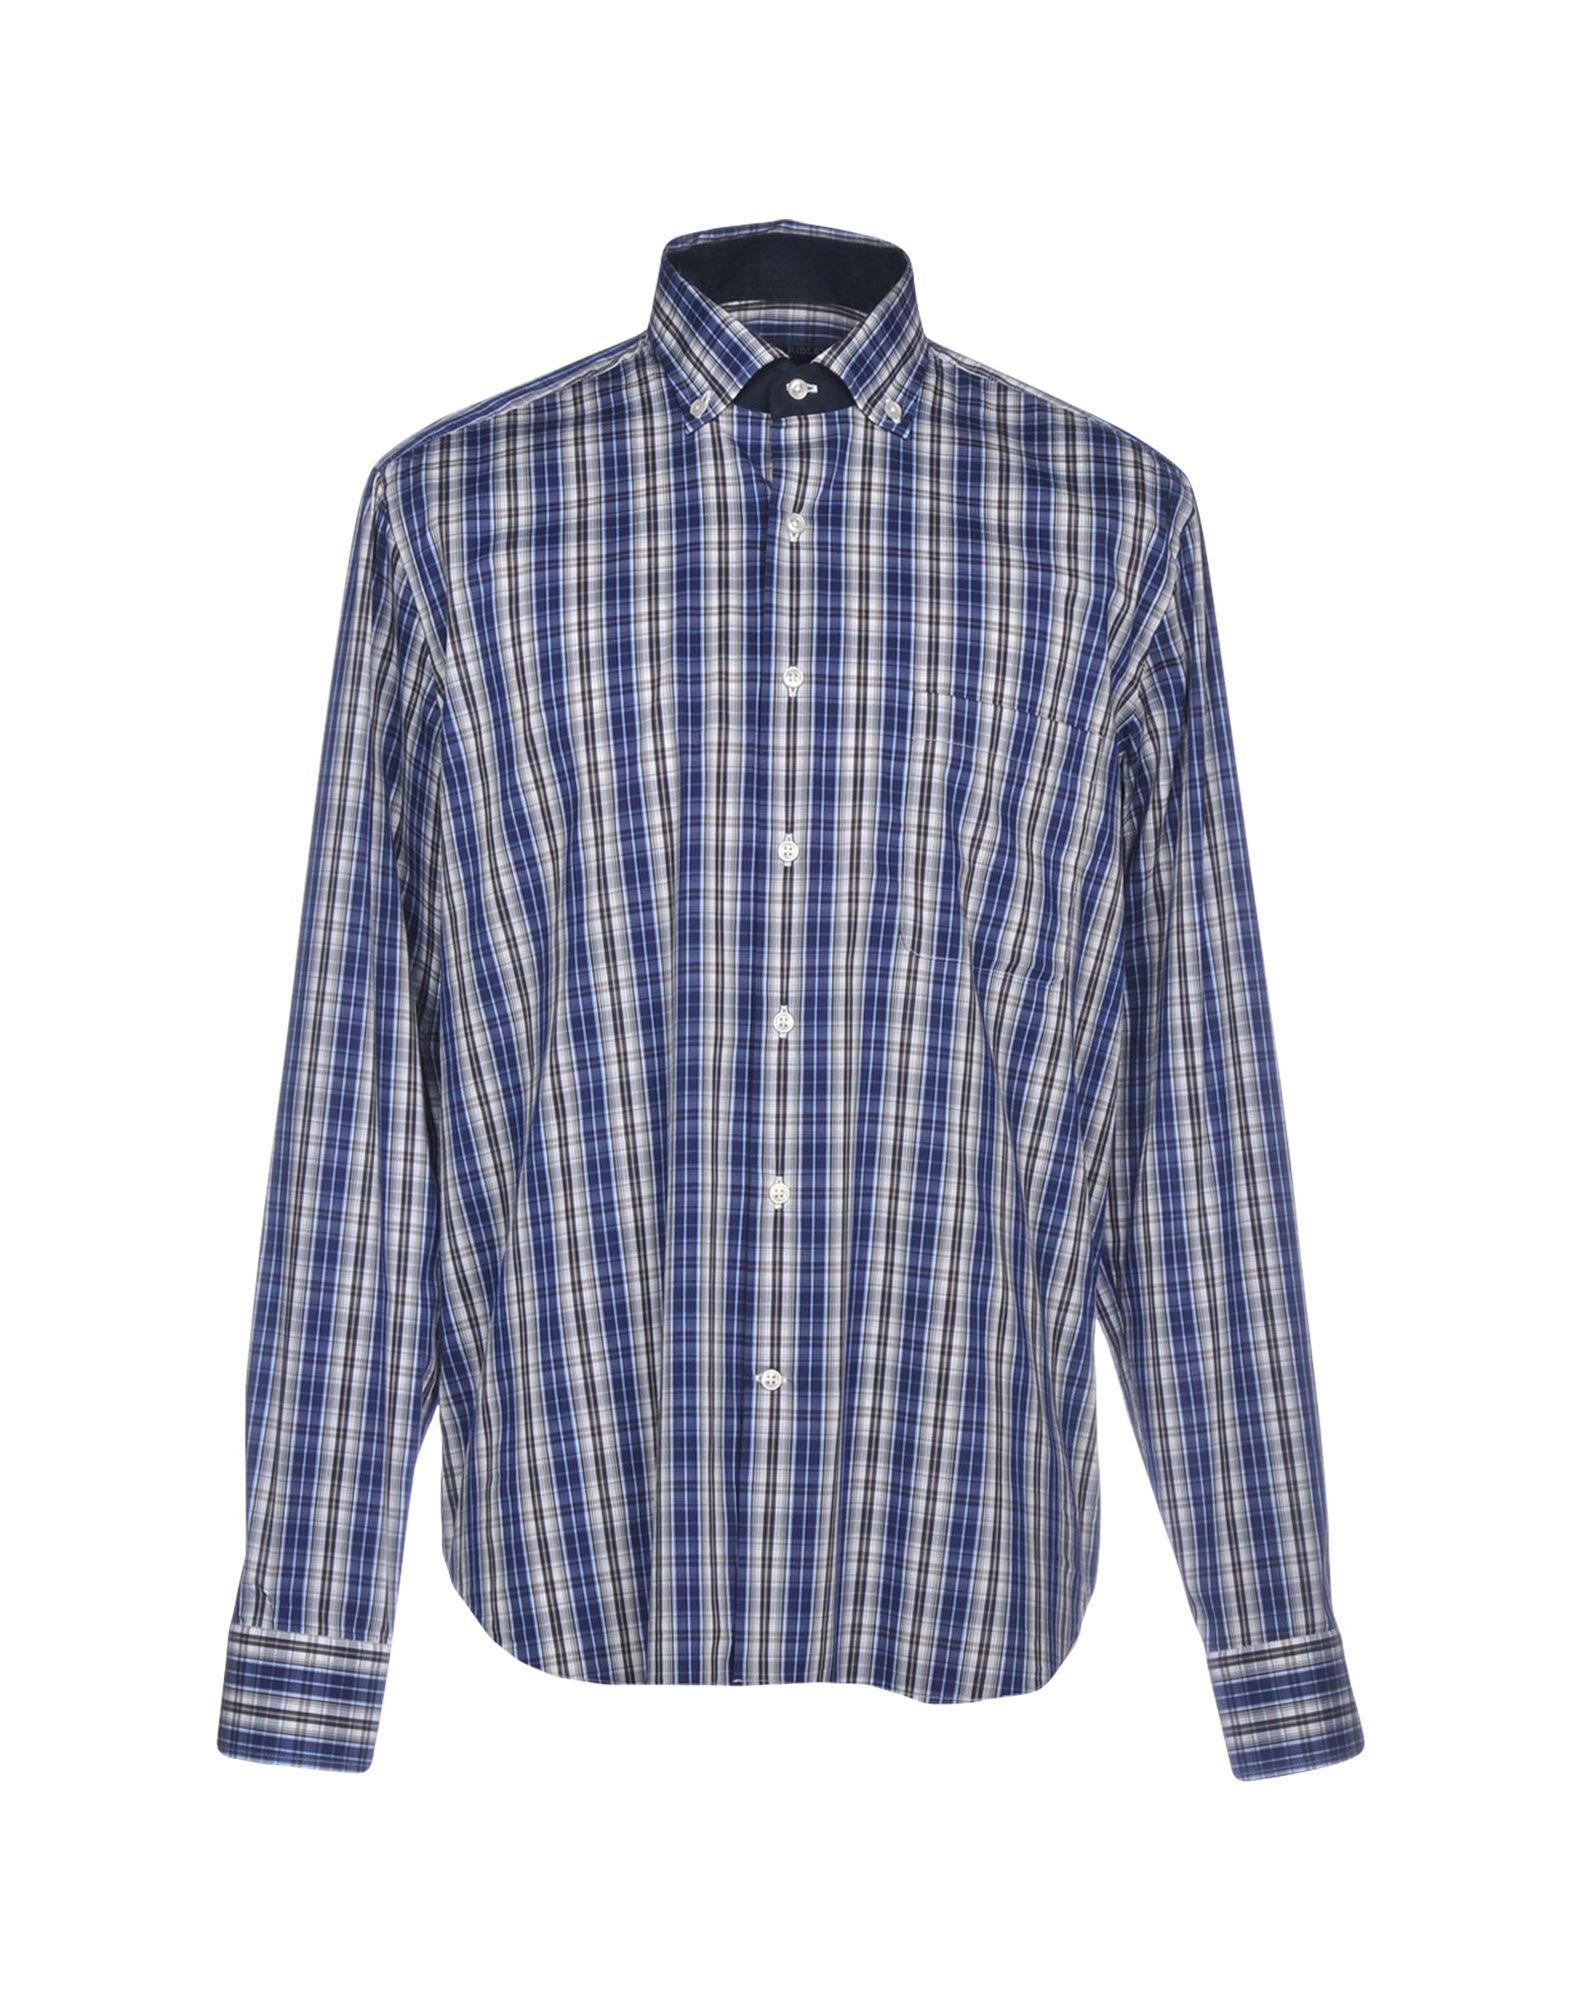 《送料無料》ELGIN & RIDLEY by TT メンズ シャツ ブルー 43 コットン 75% / ナイロン 20% / ポリウレタン 5%